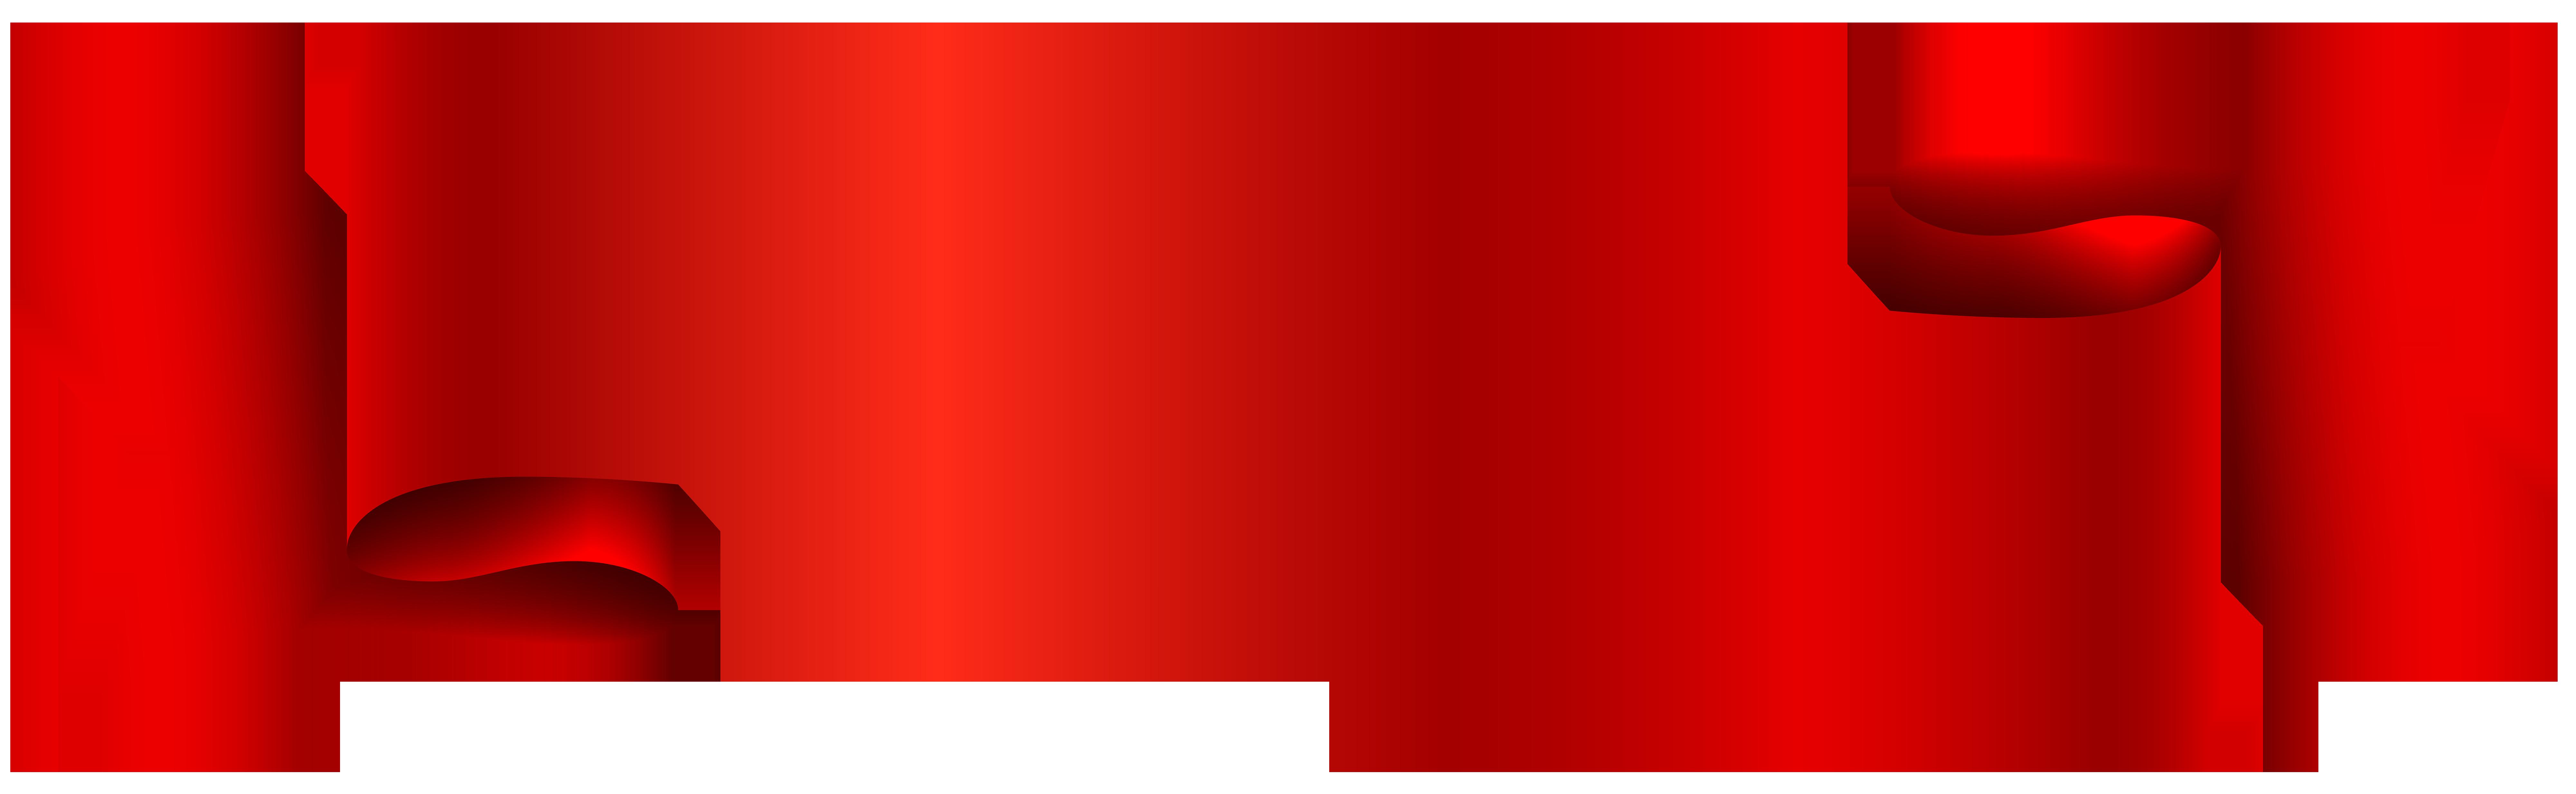 Red Banner Transparent PNG Clip Art Image.